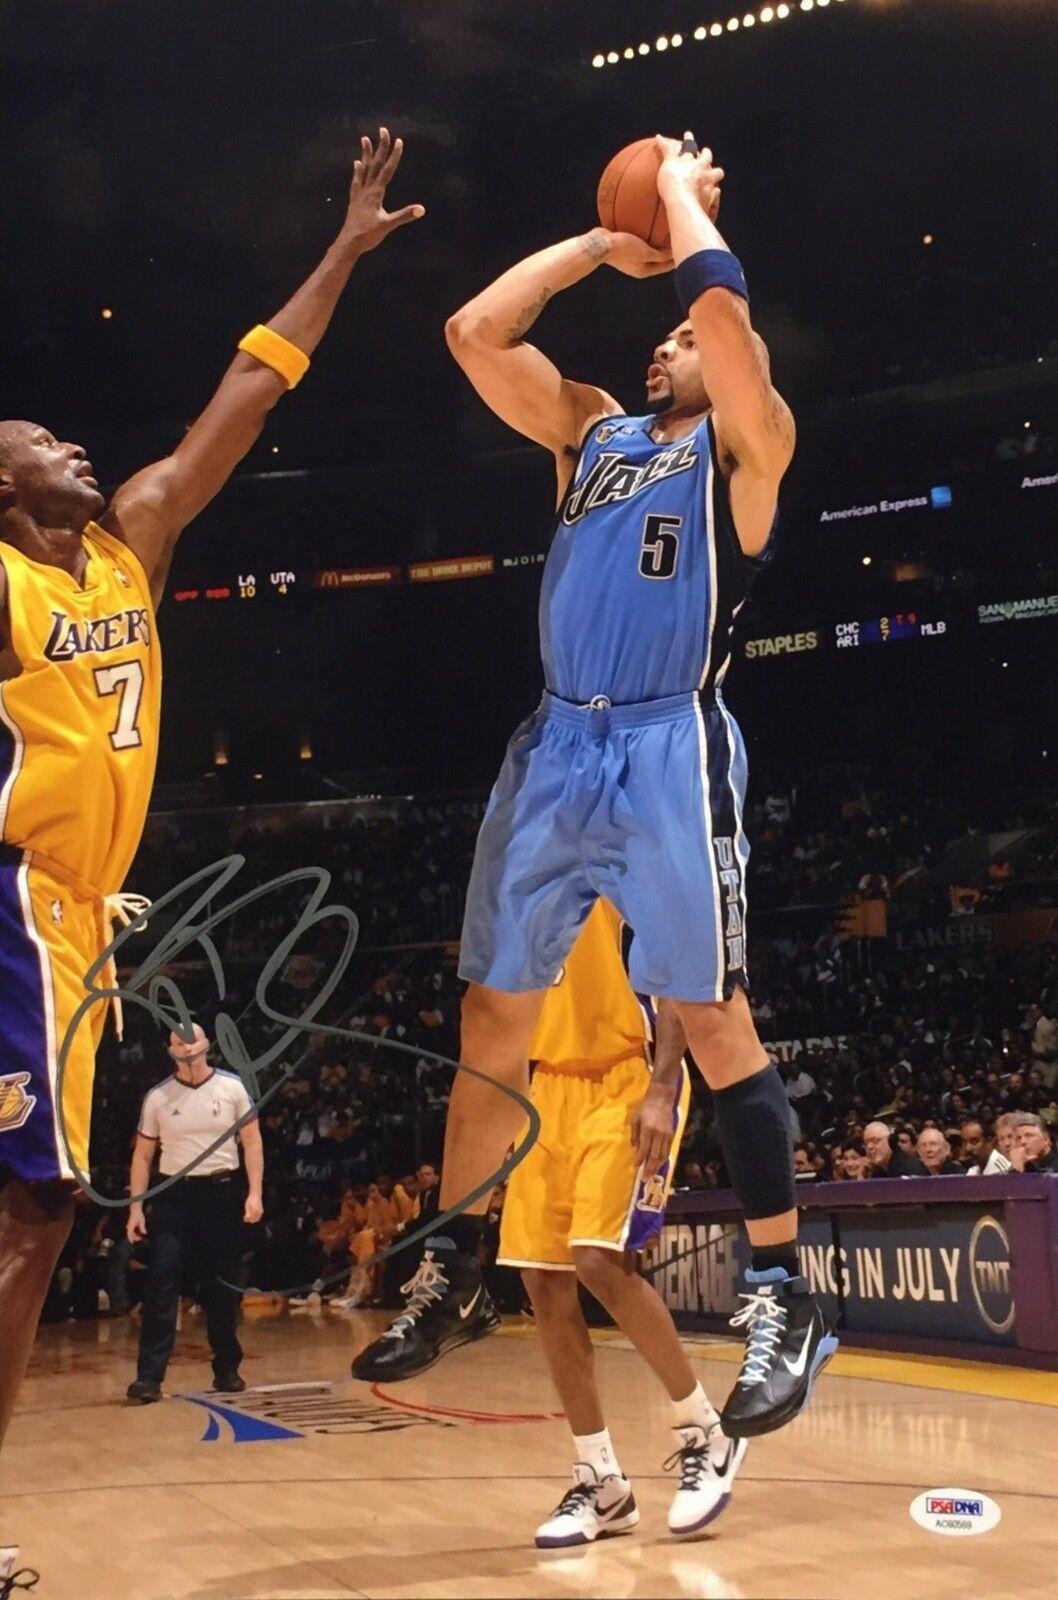 Carlos Boozer Signed Utah Jazz Basketball 12x18 Photo PSA AC60569